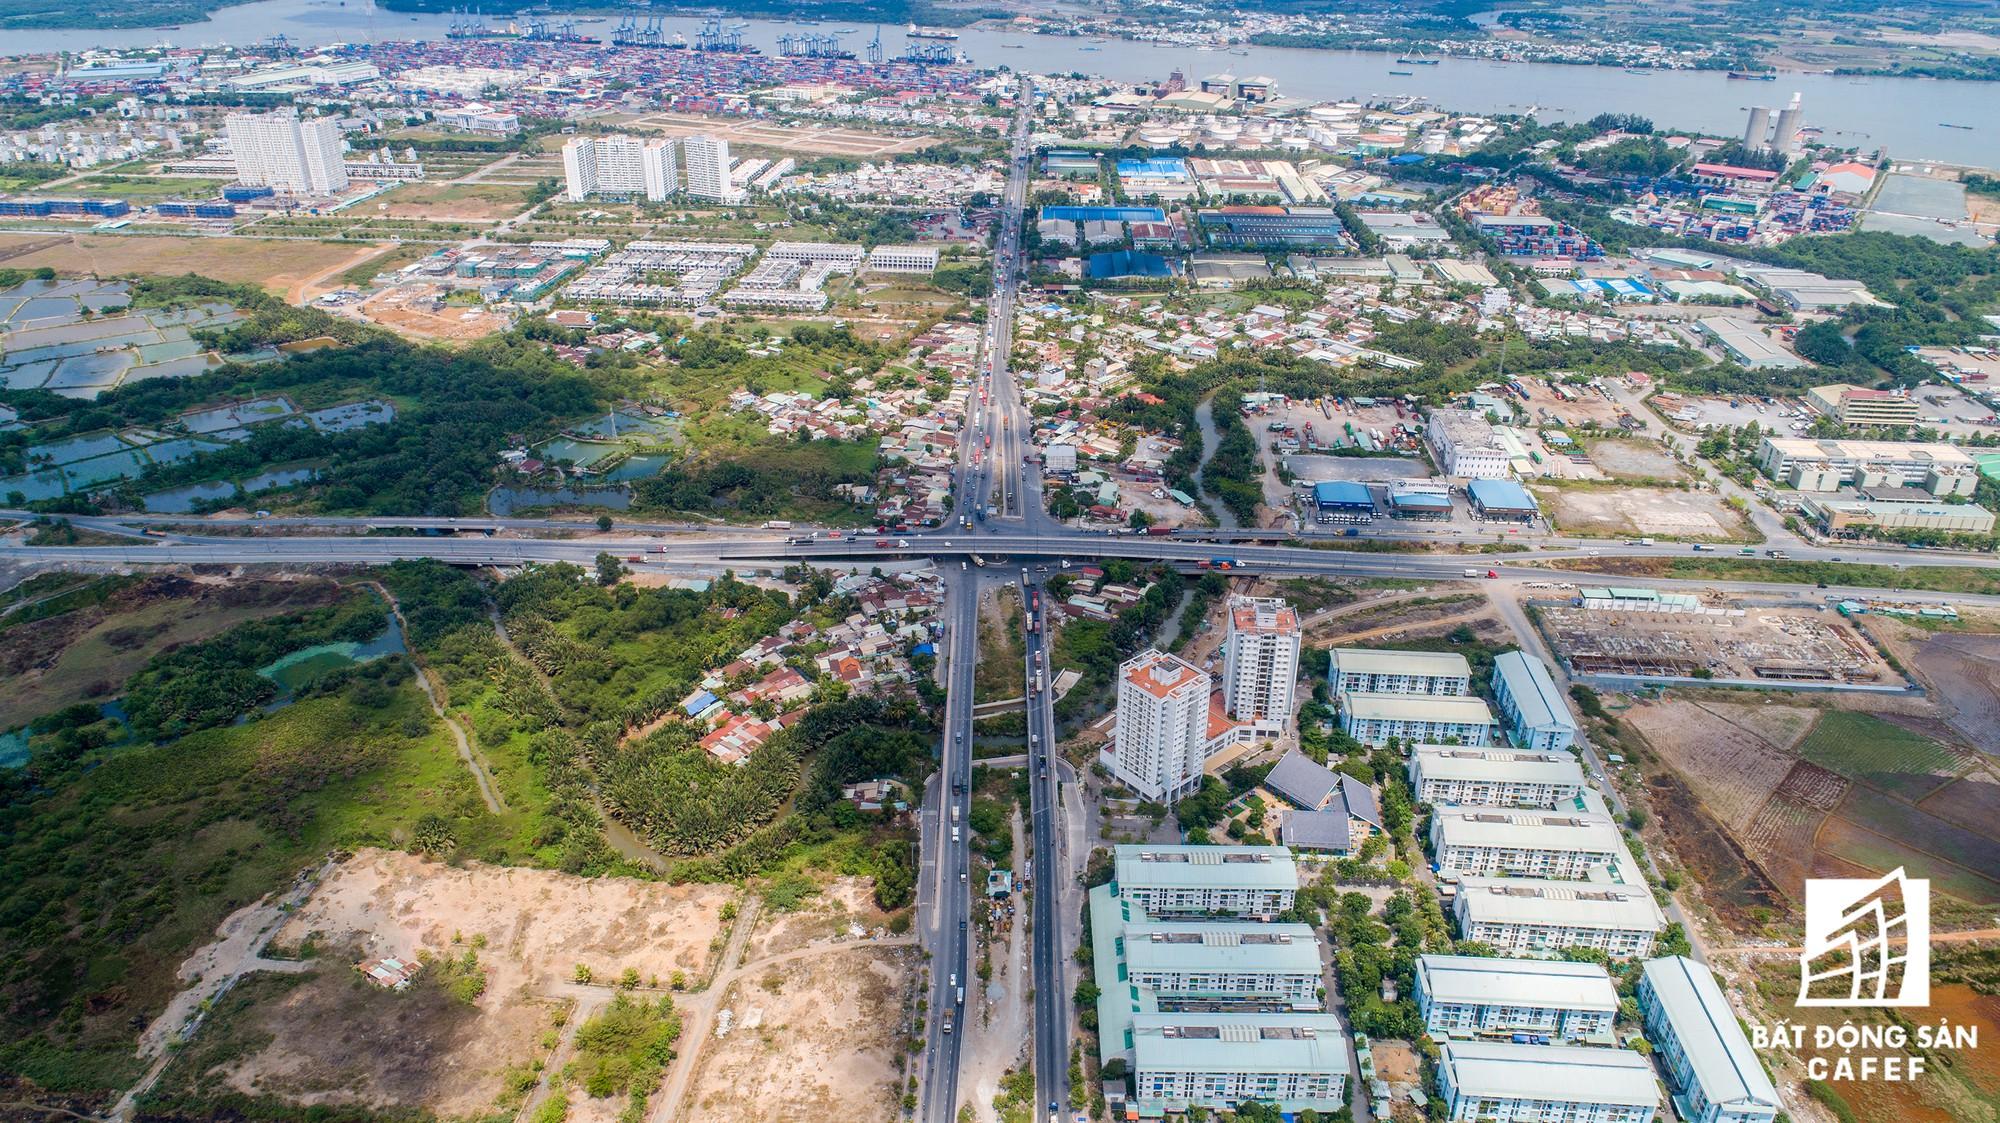 Đồng Nai chốt phương án xây cầu Cát Lái nối Nhơn Trạch và TP.HCM, bức tranh thị trường bất động sản thay đổi chóng mặt - Ảnh 10.